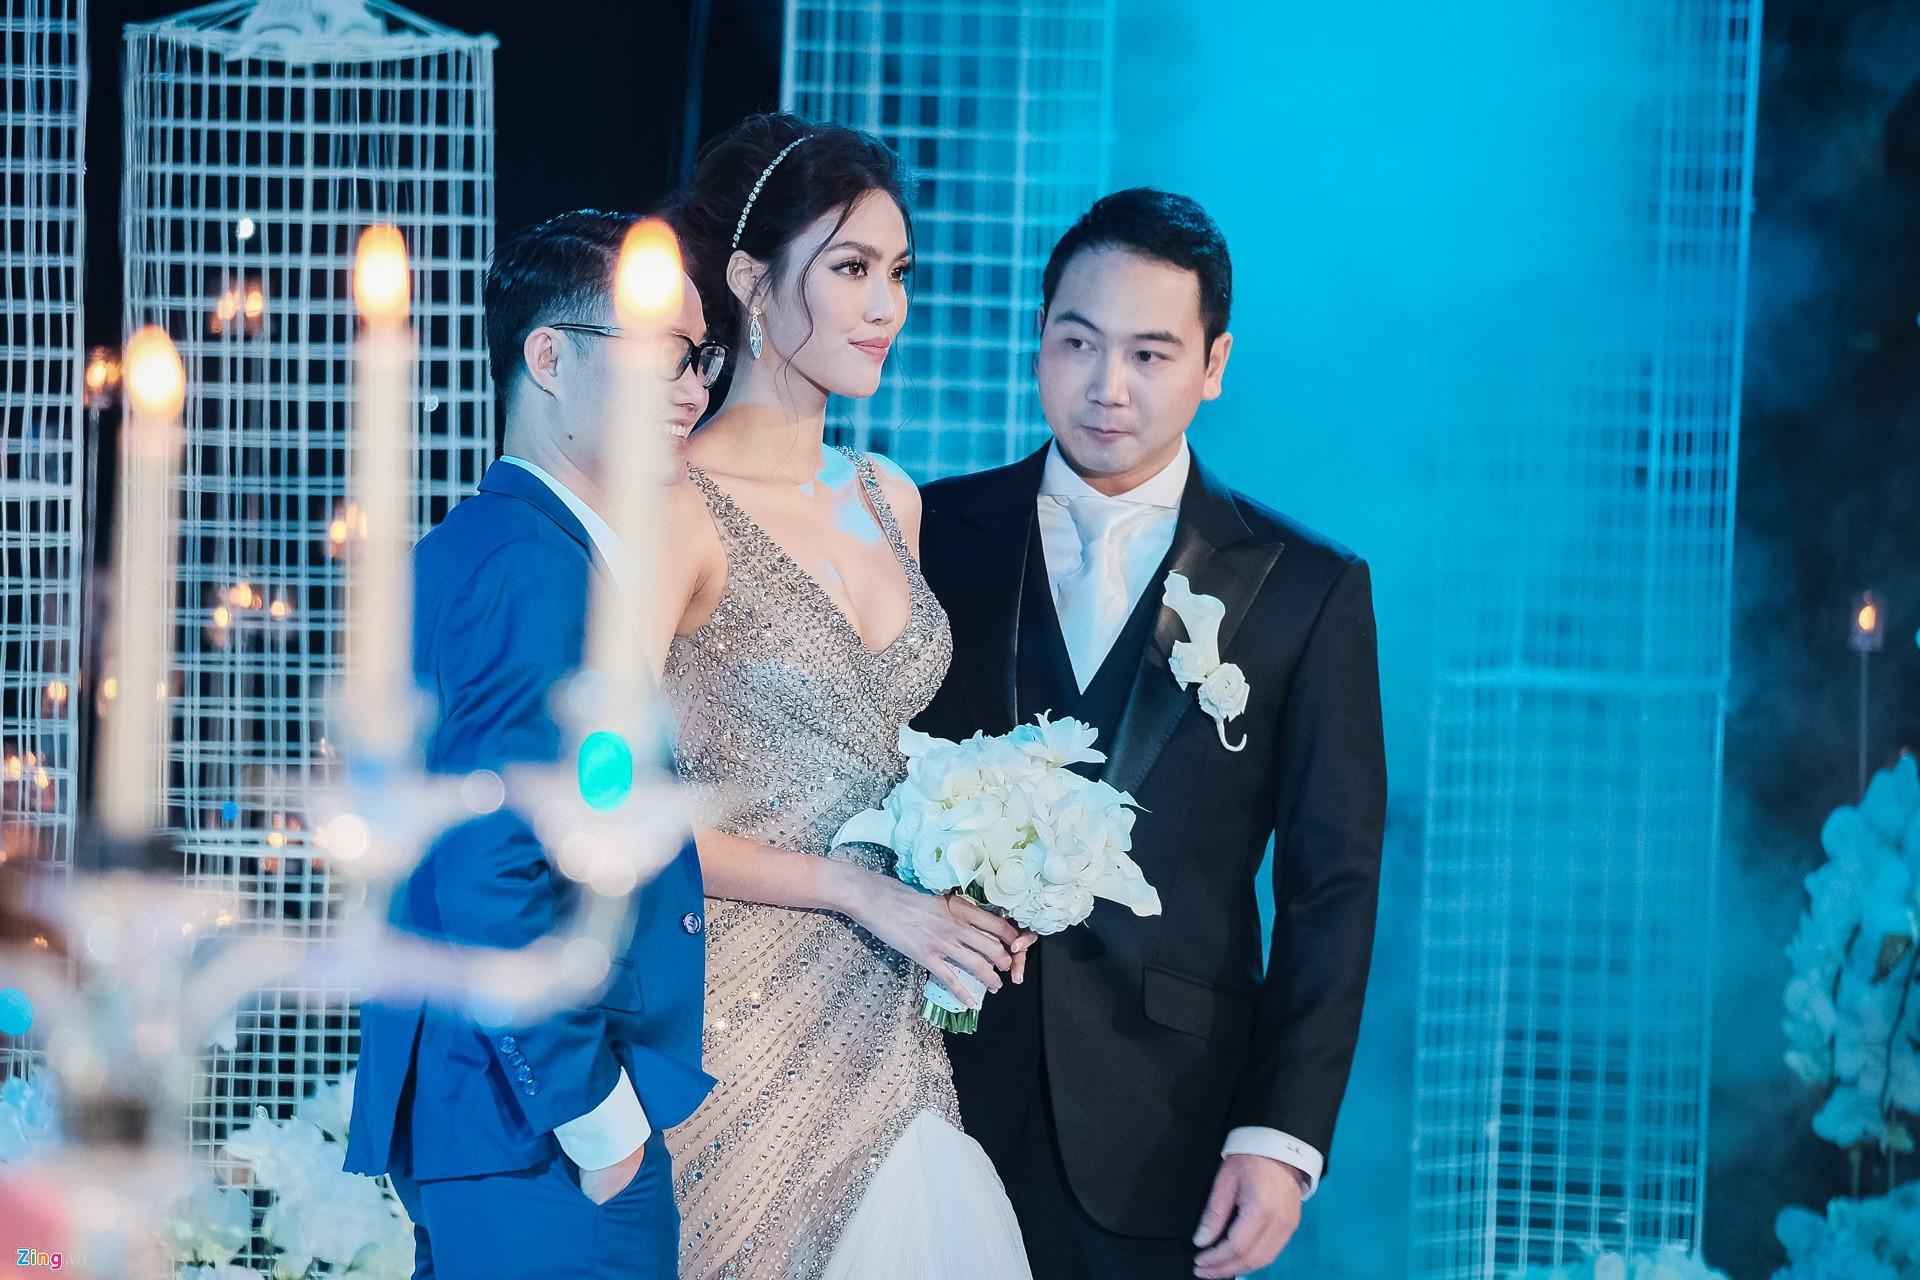 Vợ chồng Lan Khuê chuẩn bị có thành viên mới sau 7 tháng kết hôn - Ảnh 2.